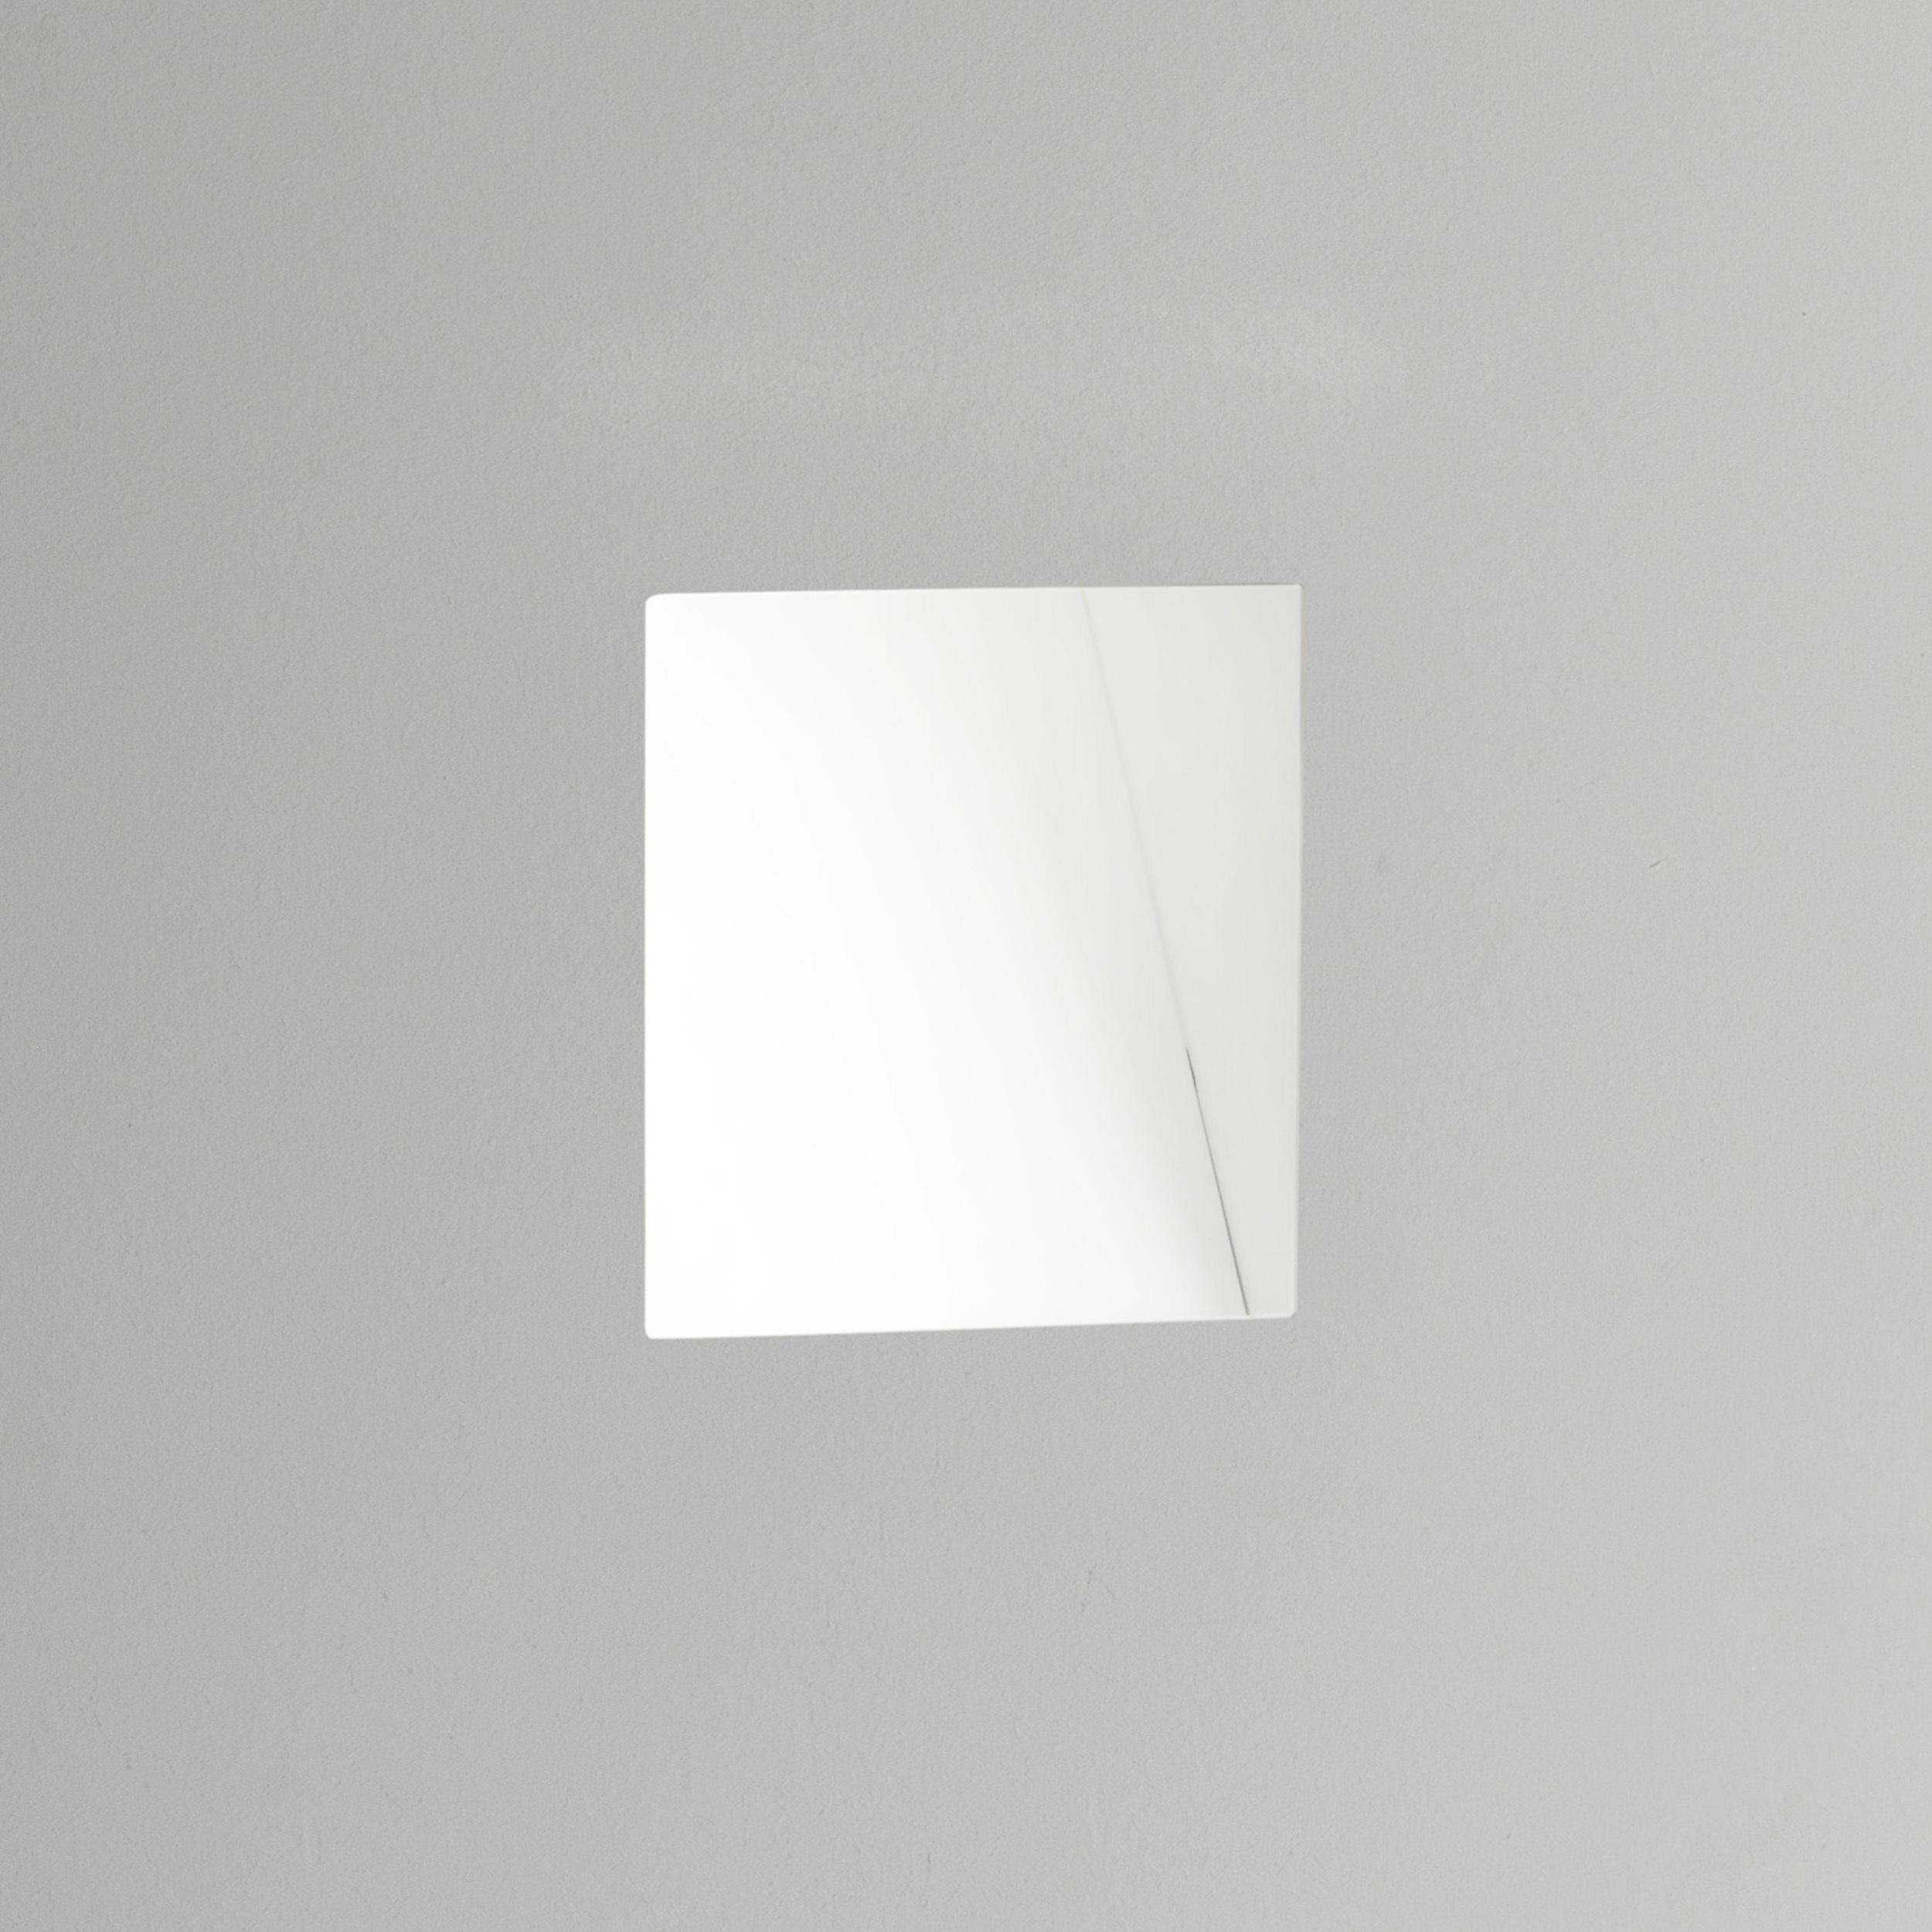 Встраиваемый настенный светодиодный светильник Astro Borgo Trimless 1212041 (7841), 3000K (теплый), белый, металл - фото 1